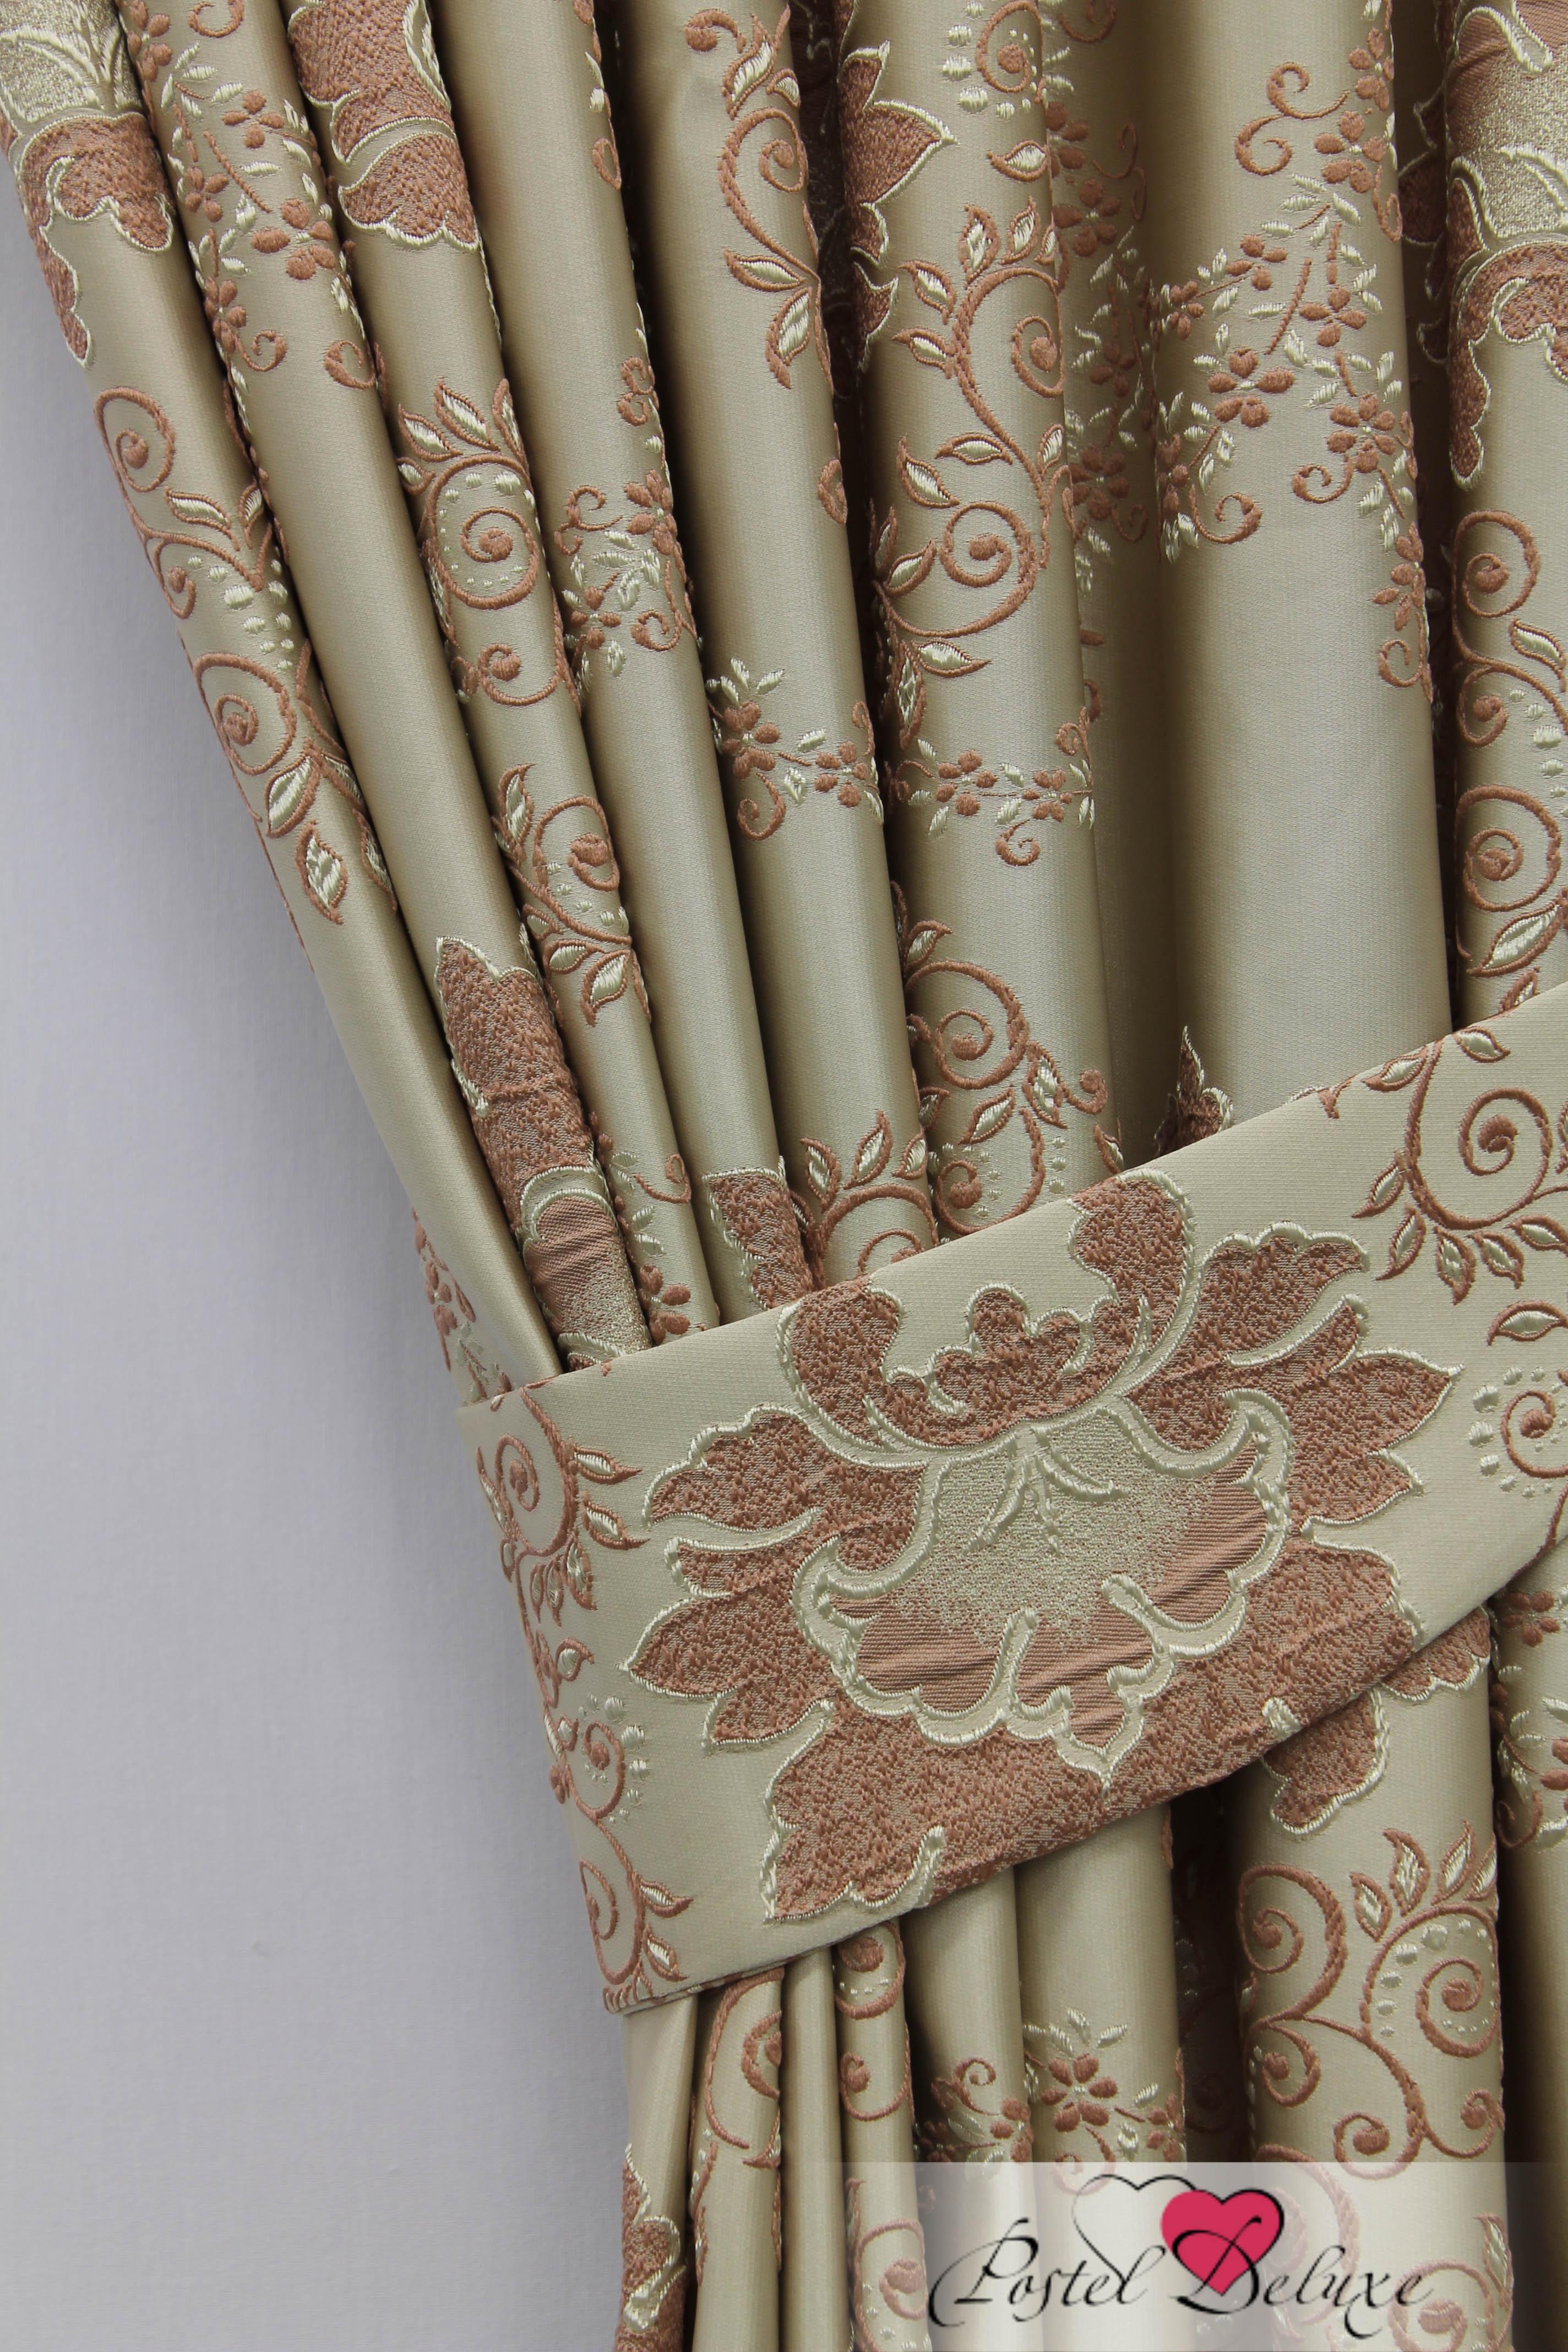 Шторы Sanpa Классические шторы Элина Цвет: Розовый шторы tac классические шторы глянец цвет портьер розовый цвет тюля белый с бежевой полоской